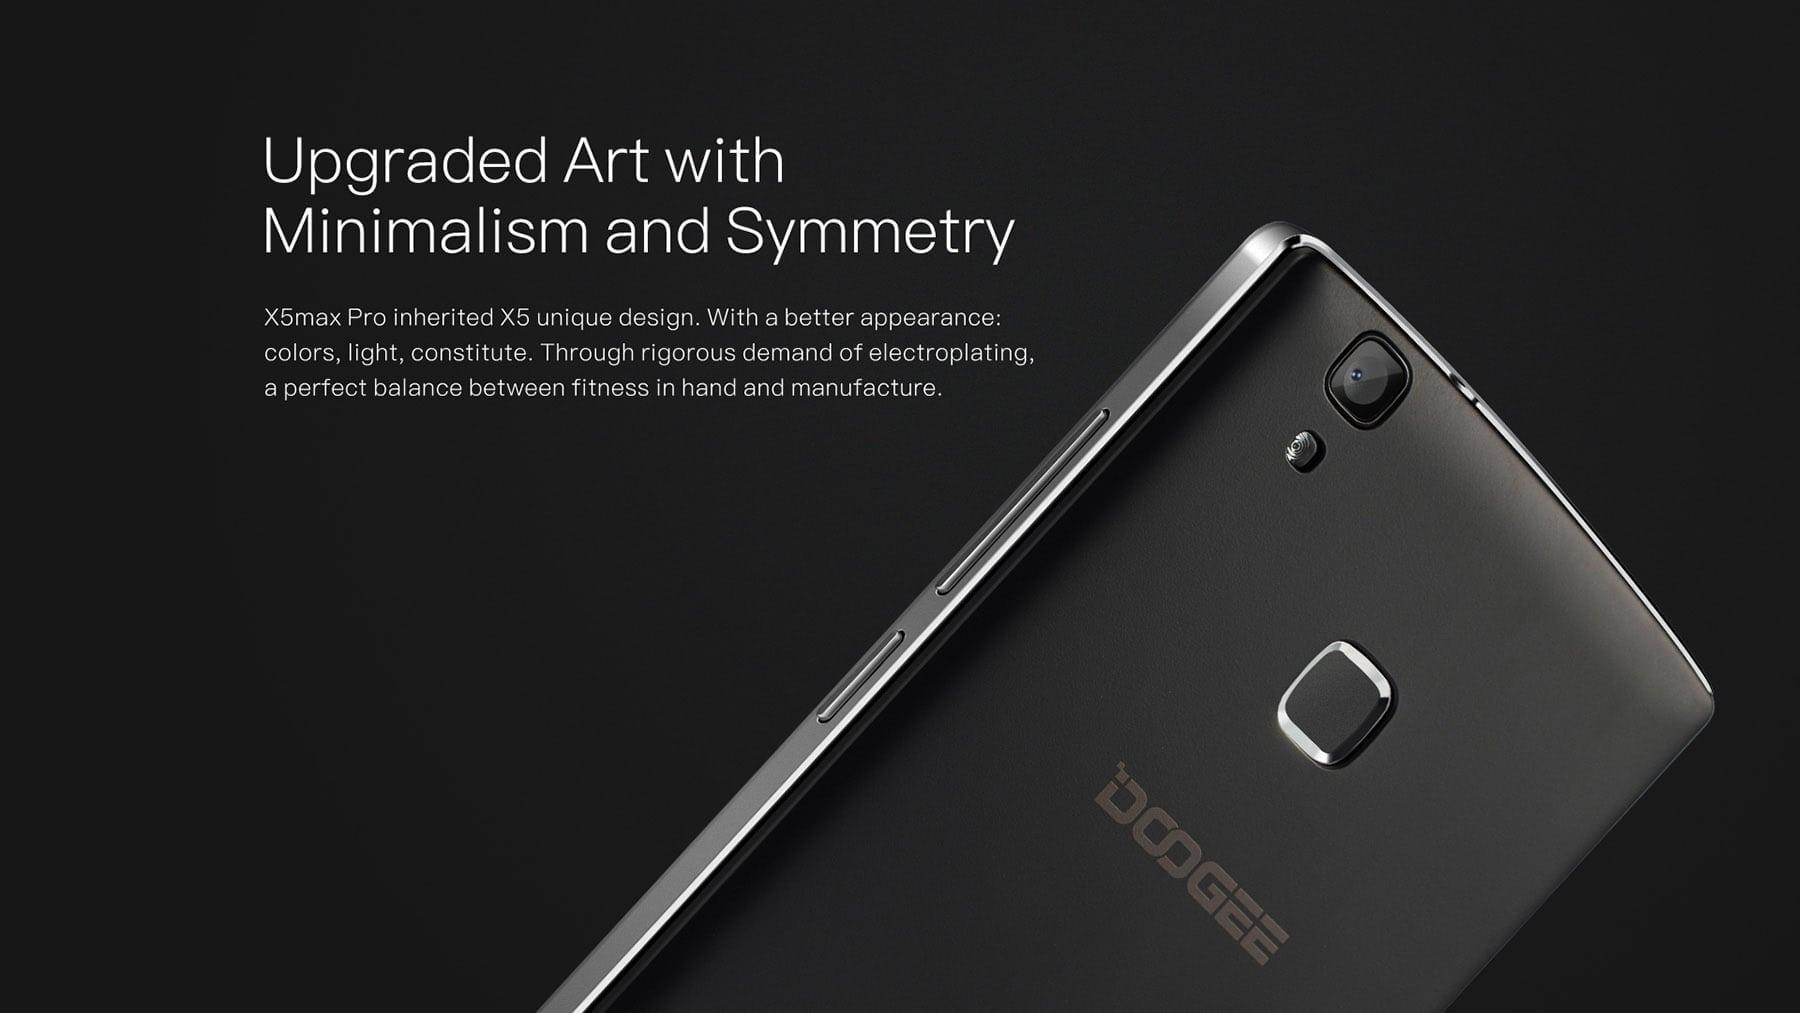 DOOGEE X5 MAX Pro 4G Smartphone